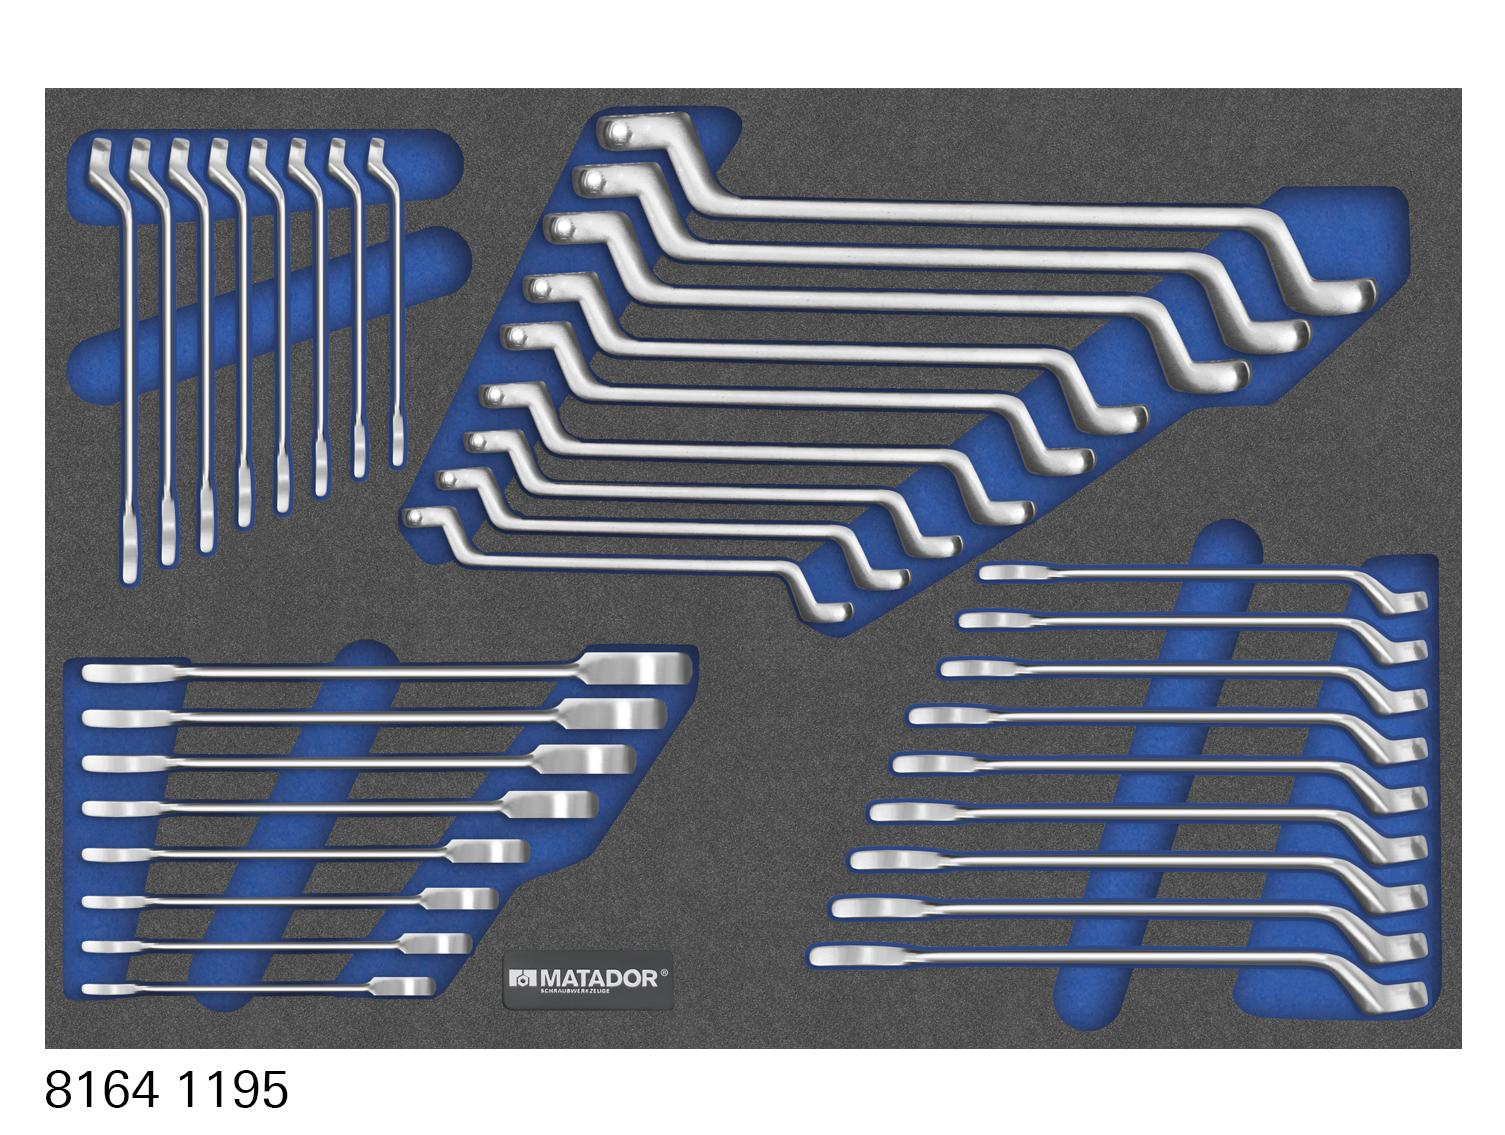 MTS-Modul mit den wichtigsten Schraubenschlüsseln.